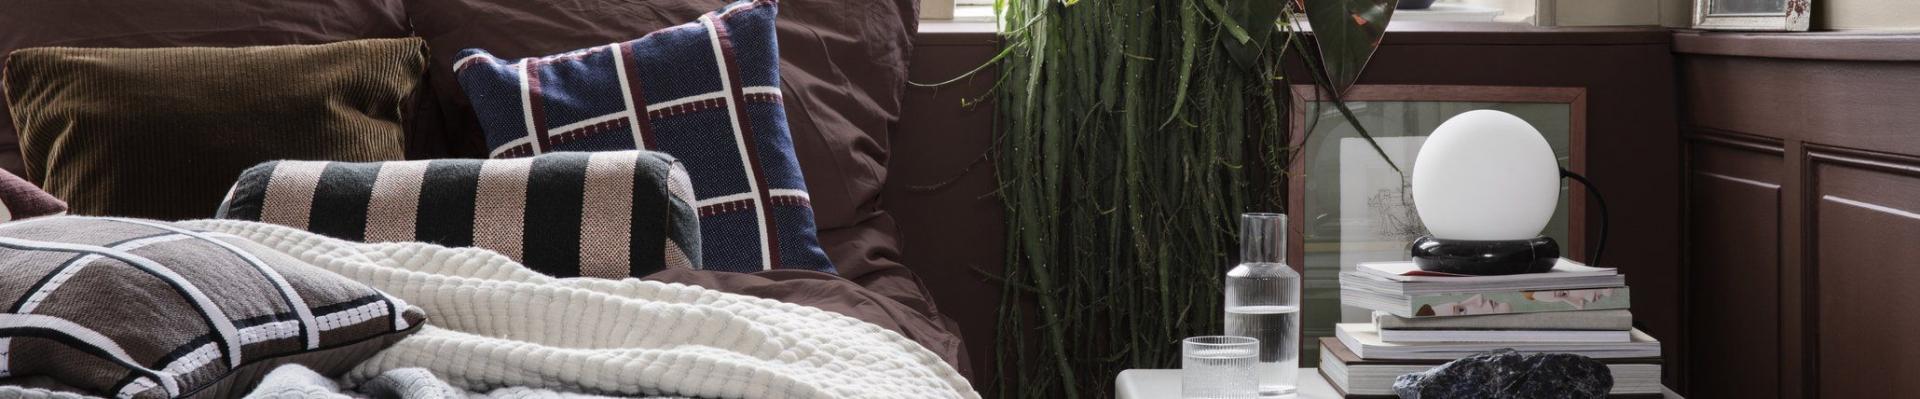 Ferm Living slaapkamer